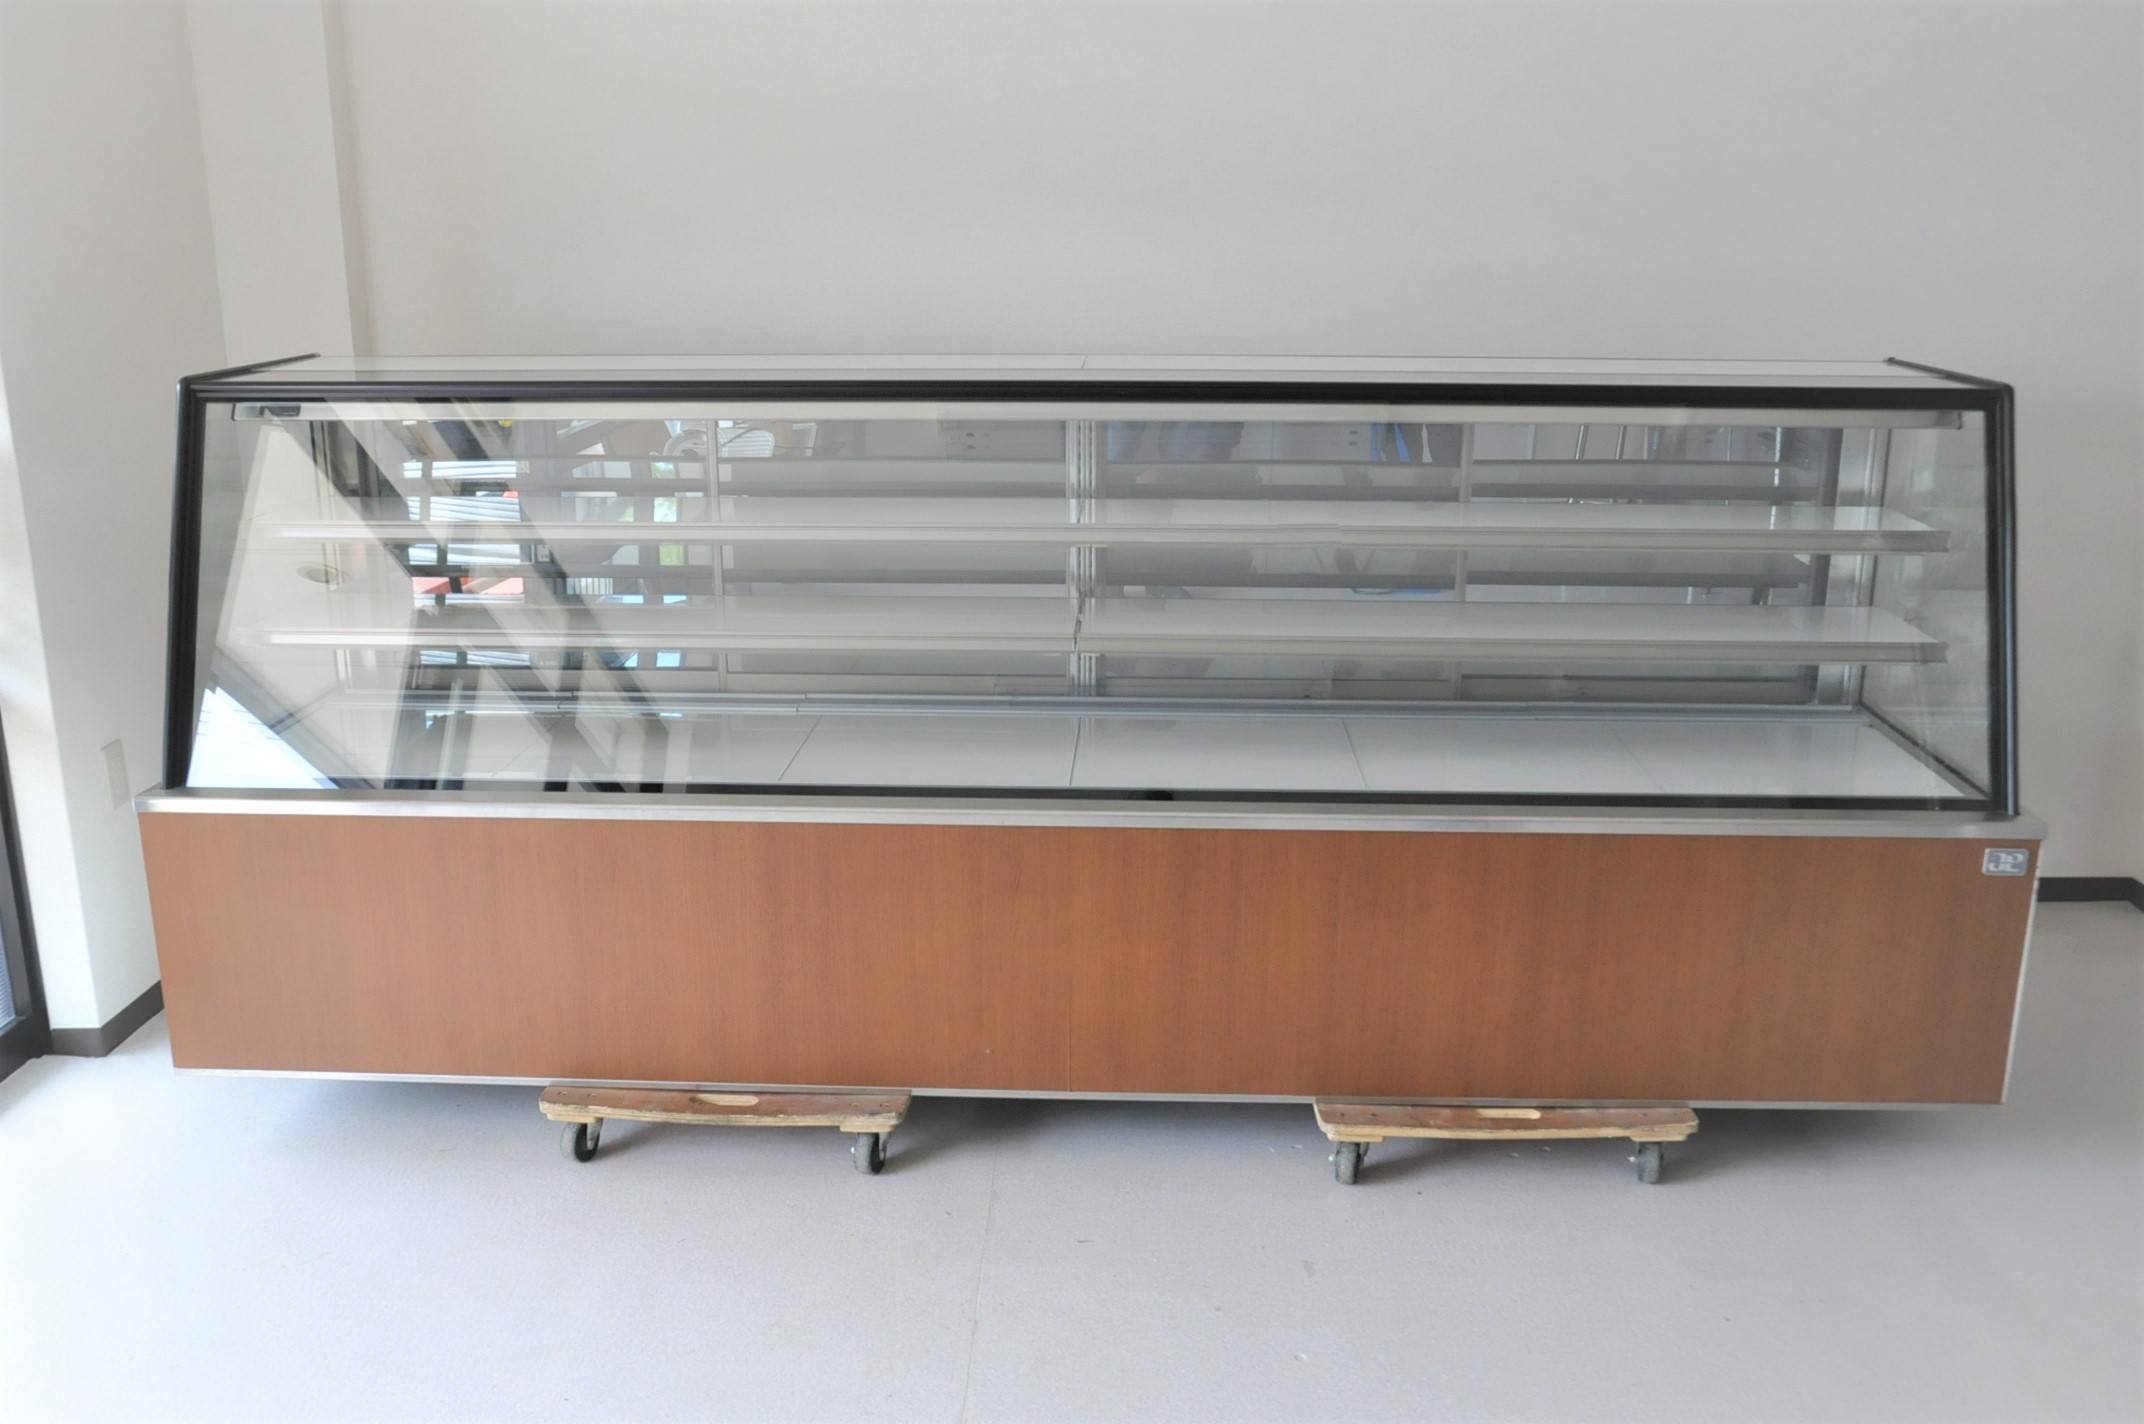 保坂製作所 冷蔵ショーケース 2011年製 三相200V ケーキケース を買い取りました!(^_-)-☆